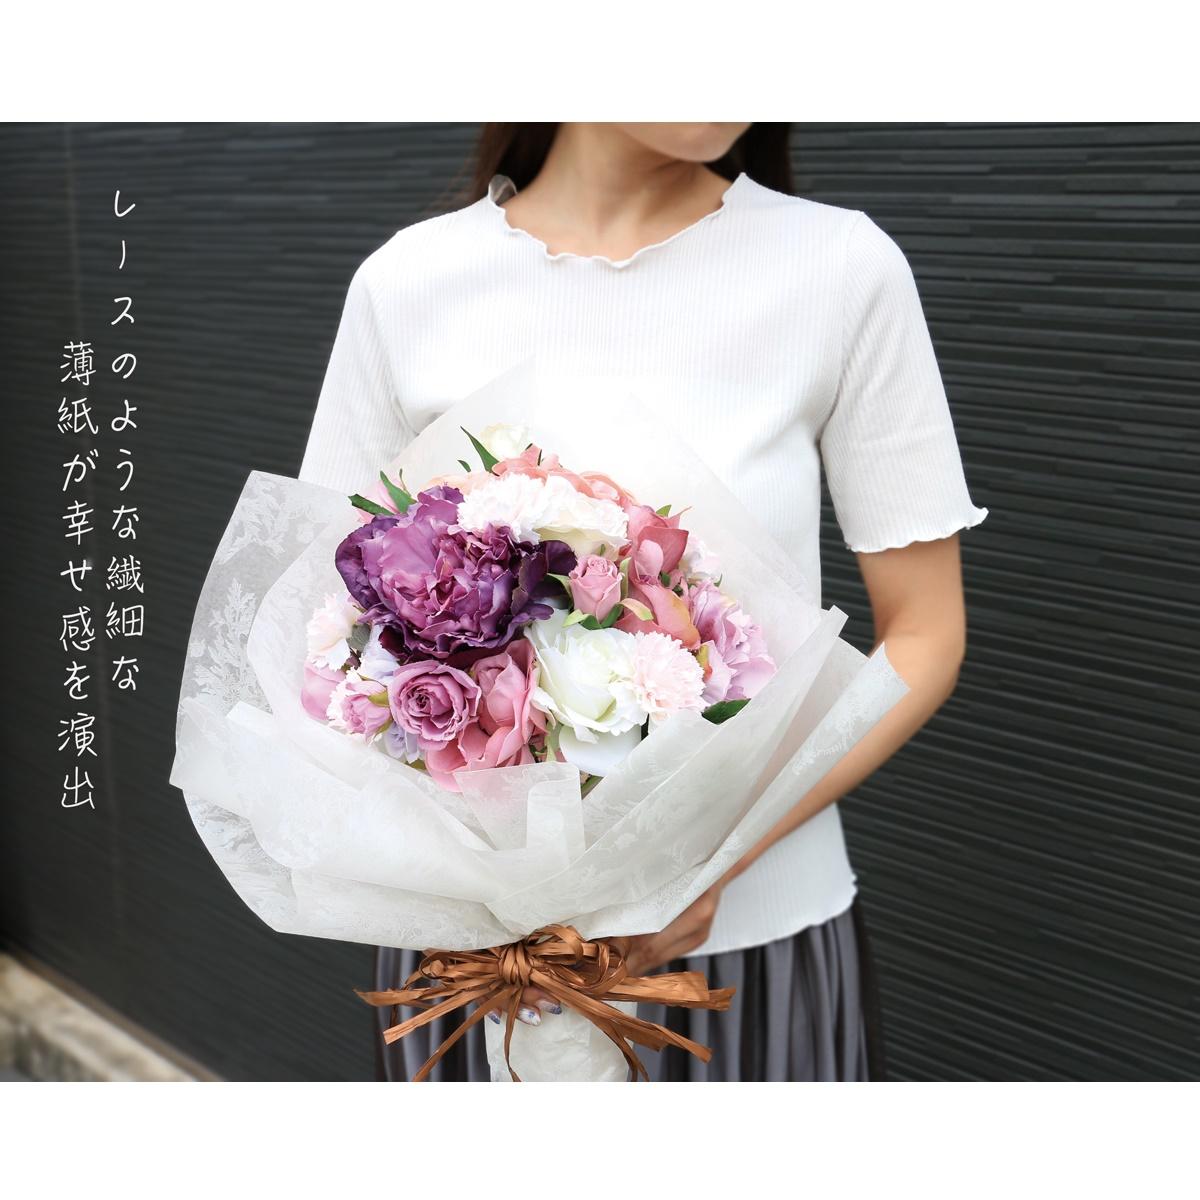 クロエ 純白 花束